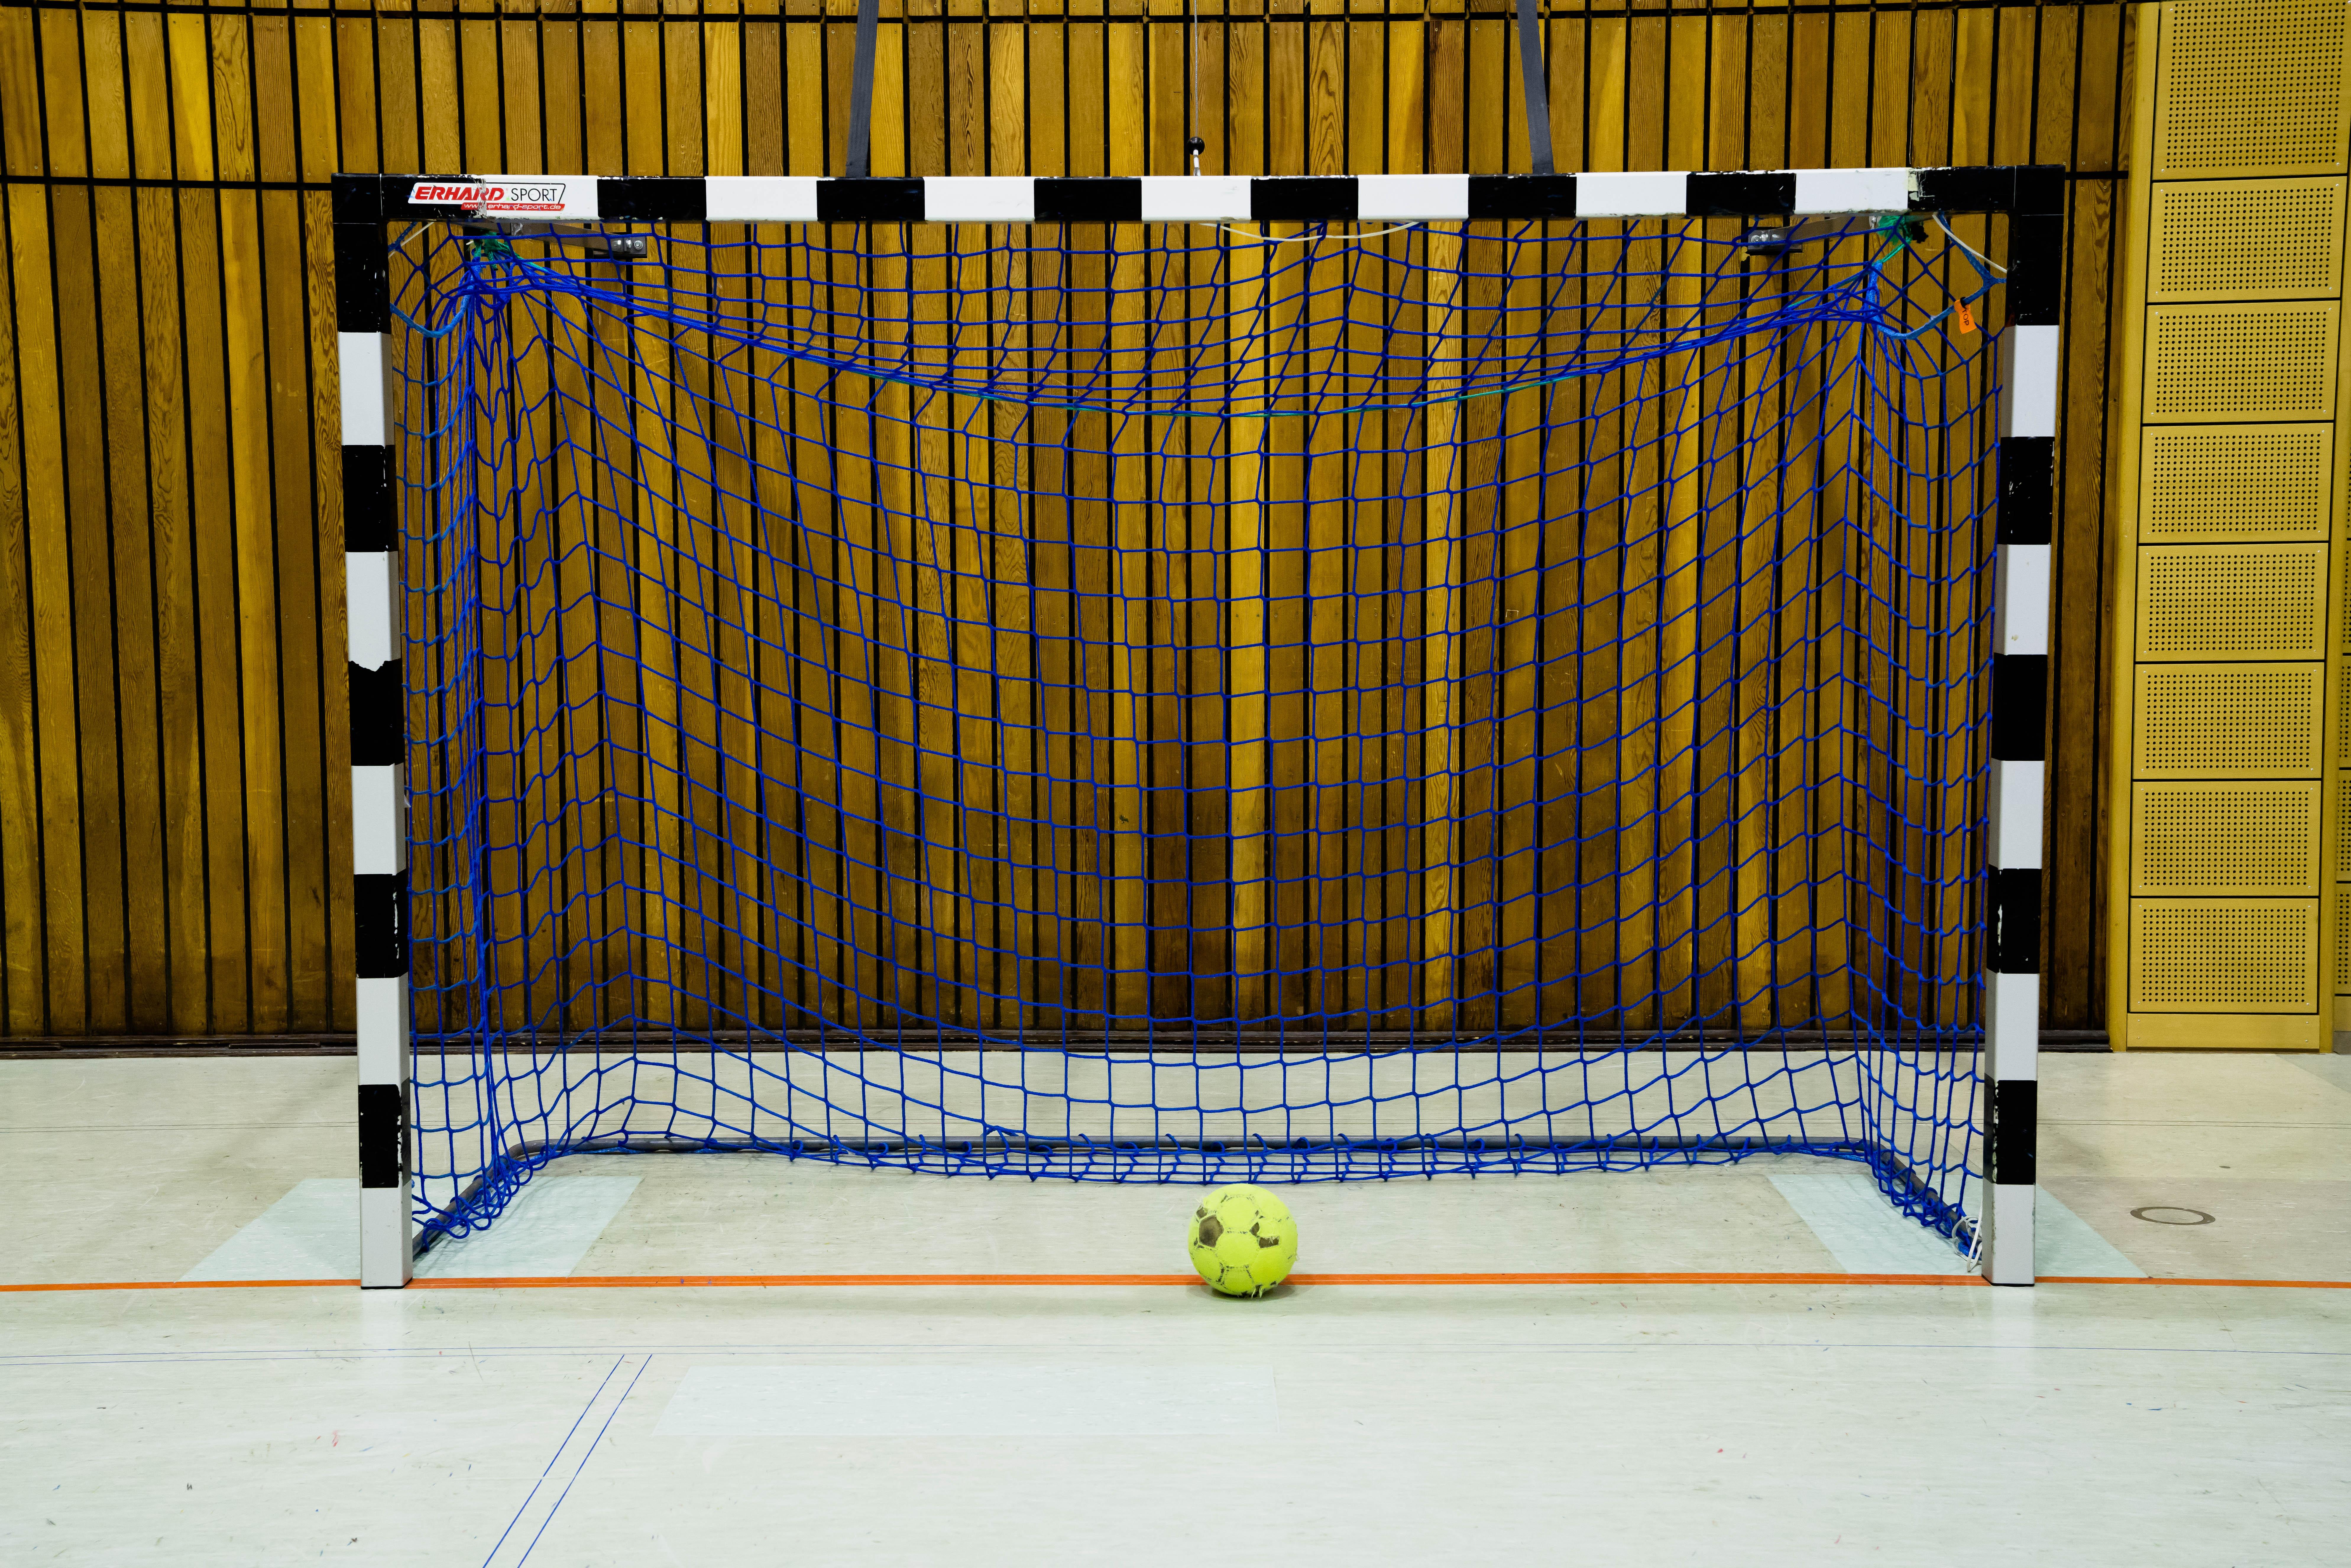 https://tus-nordenstadt-handball.de/wp-content/uploads/2021/09/Herren-3_1.jpg